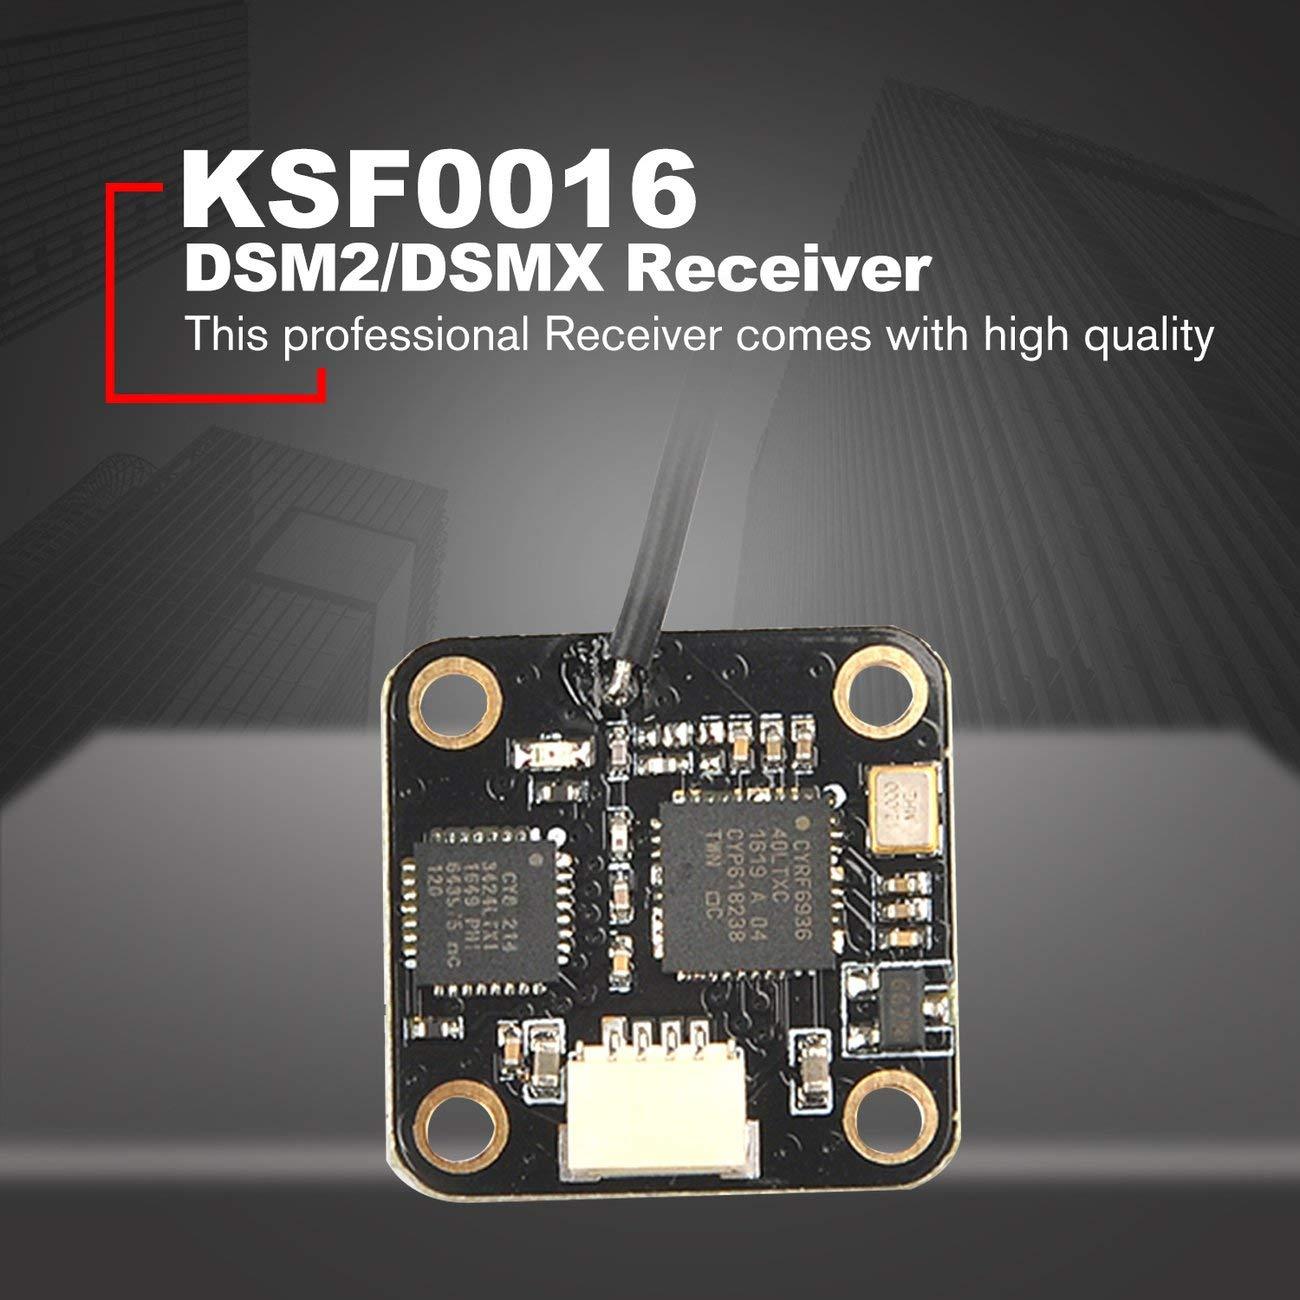 DSMX pour transmetteur Spektrum Satellite RC Contr/ôleur de vol F3 Contr/ôleur de vol RC Racing Drone Elviray R/écepteur Mini DSM2